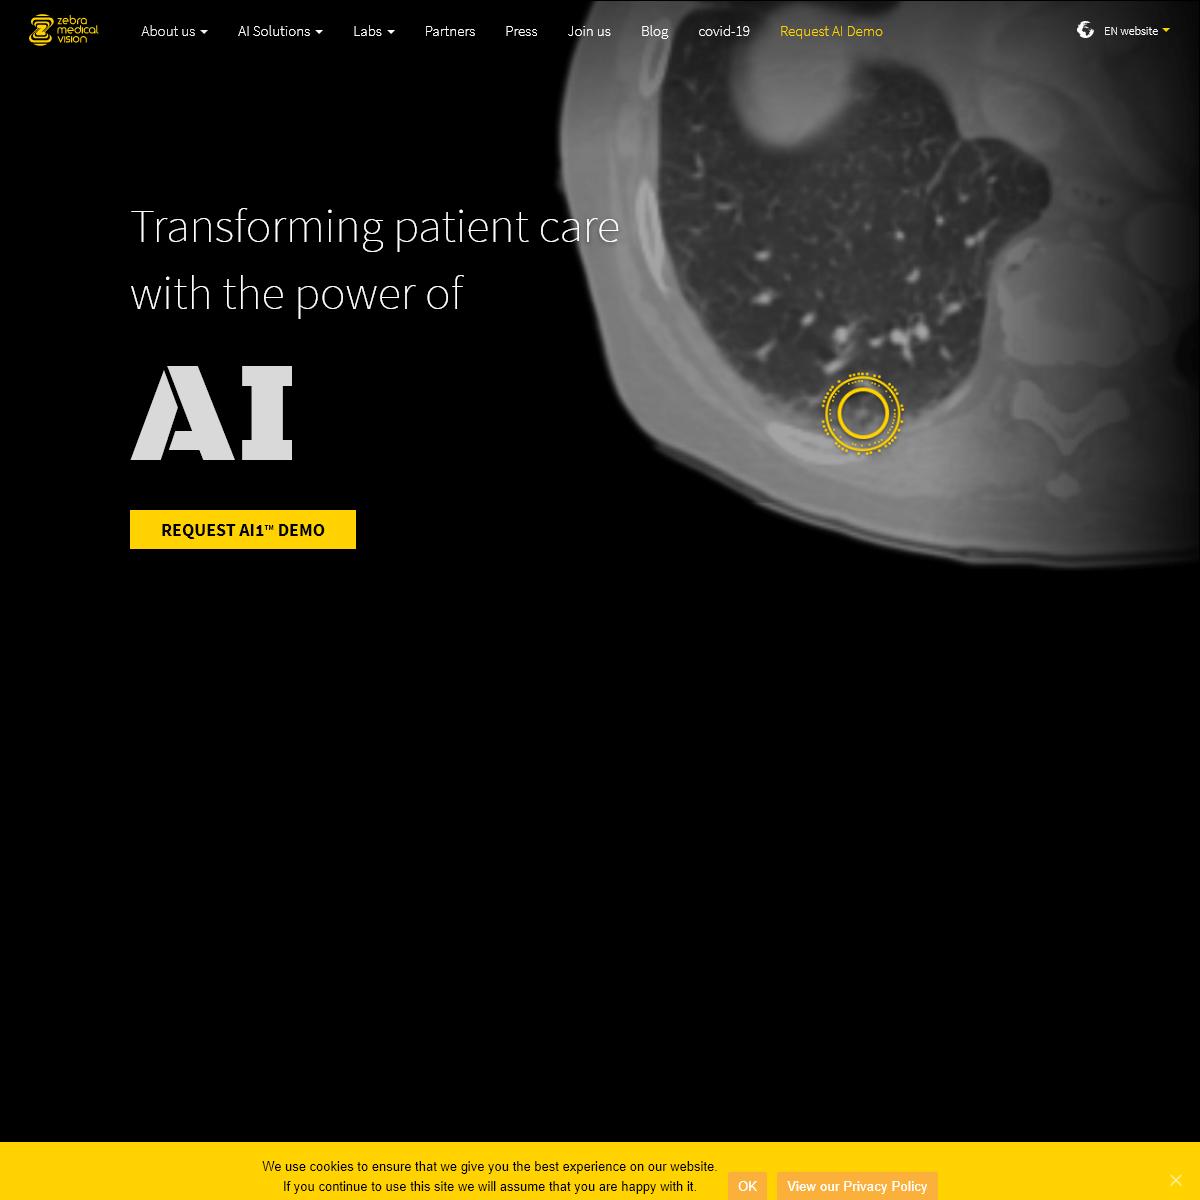 Zebra Medical Vision - Medical Imaging & AI